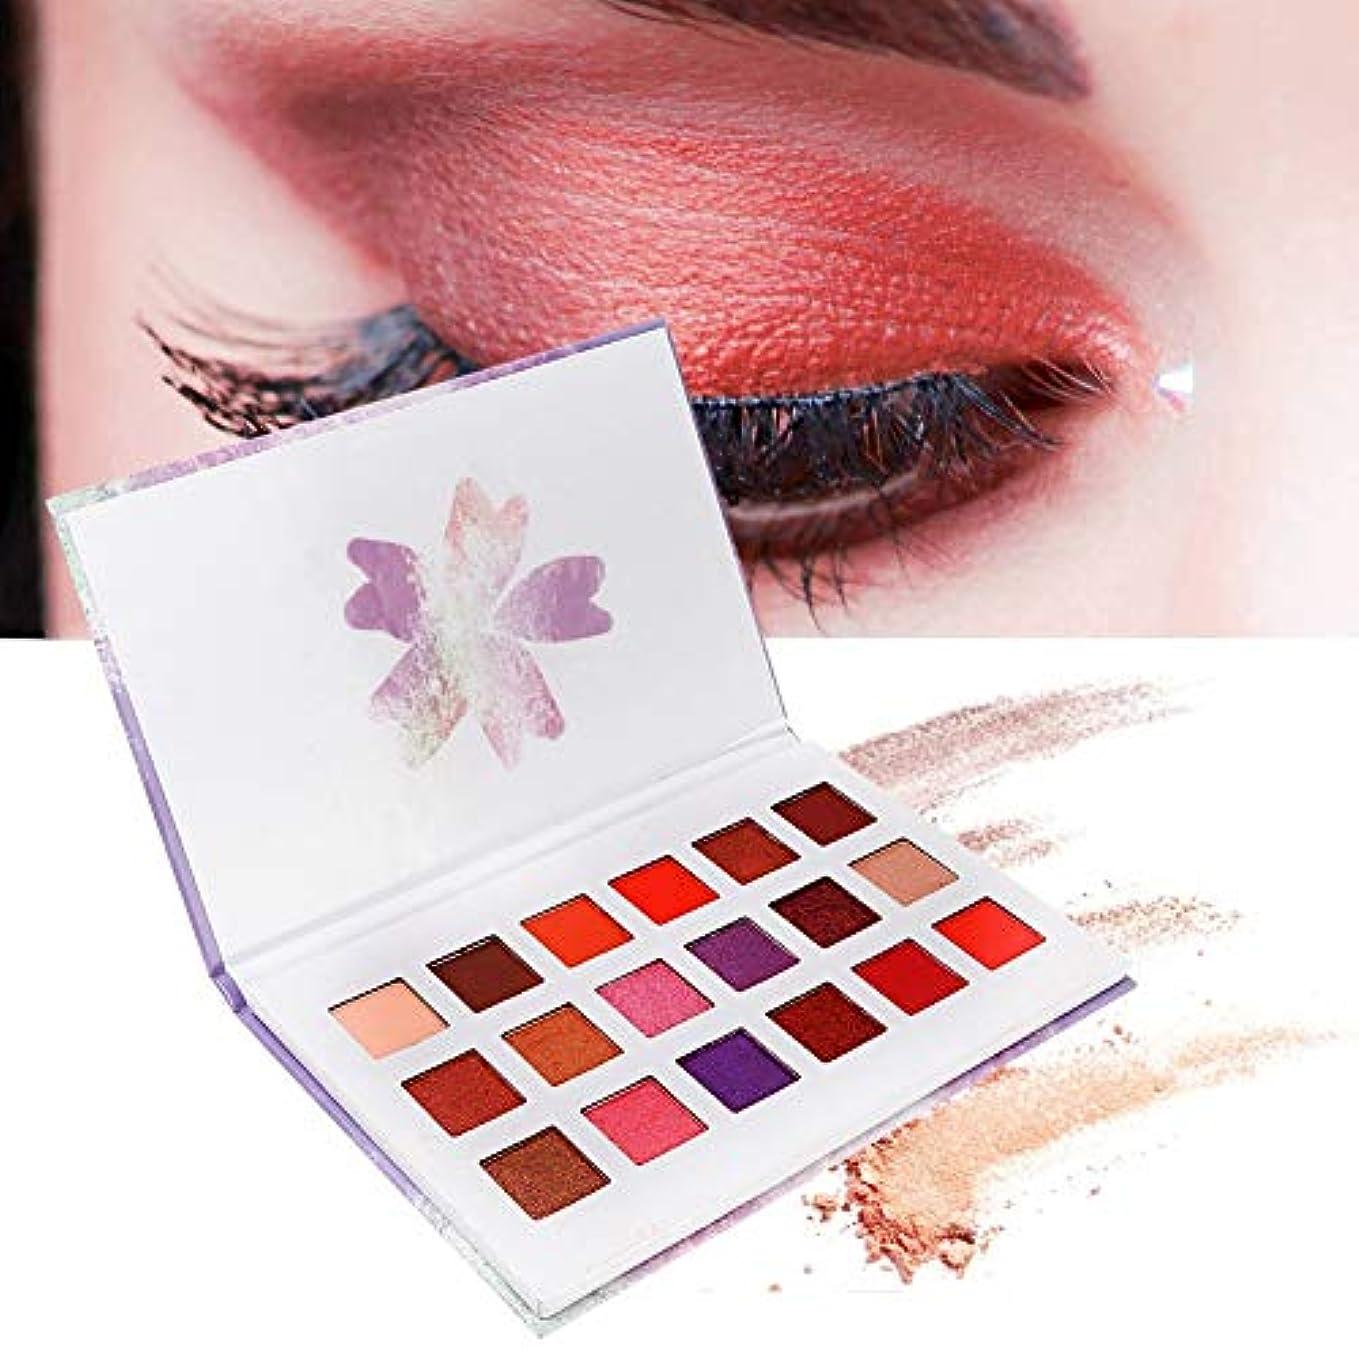 ドラッグ探す主要なアイシャドウパレット 18色 防水マットグリッターアイシャドウ化粧品パウダー